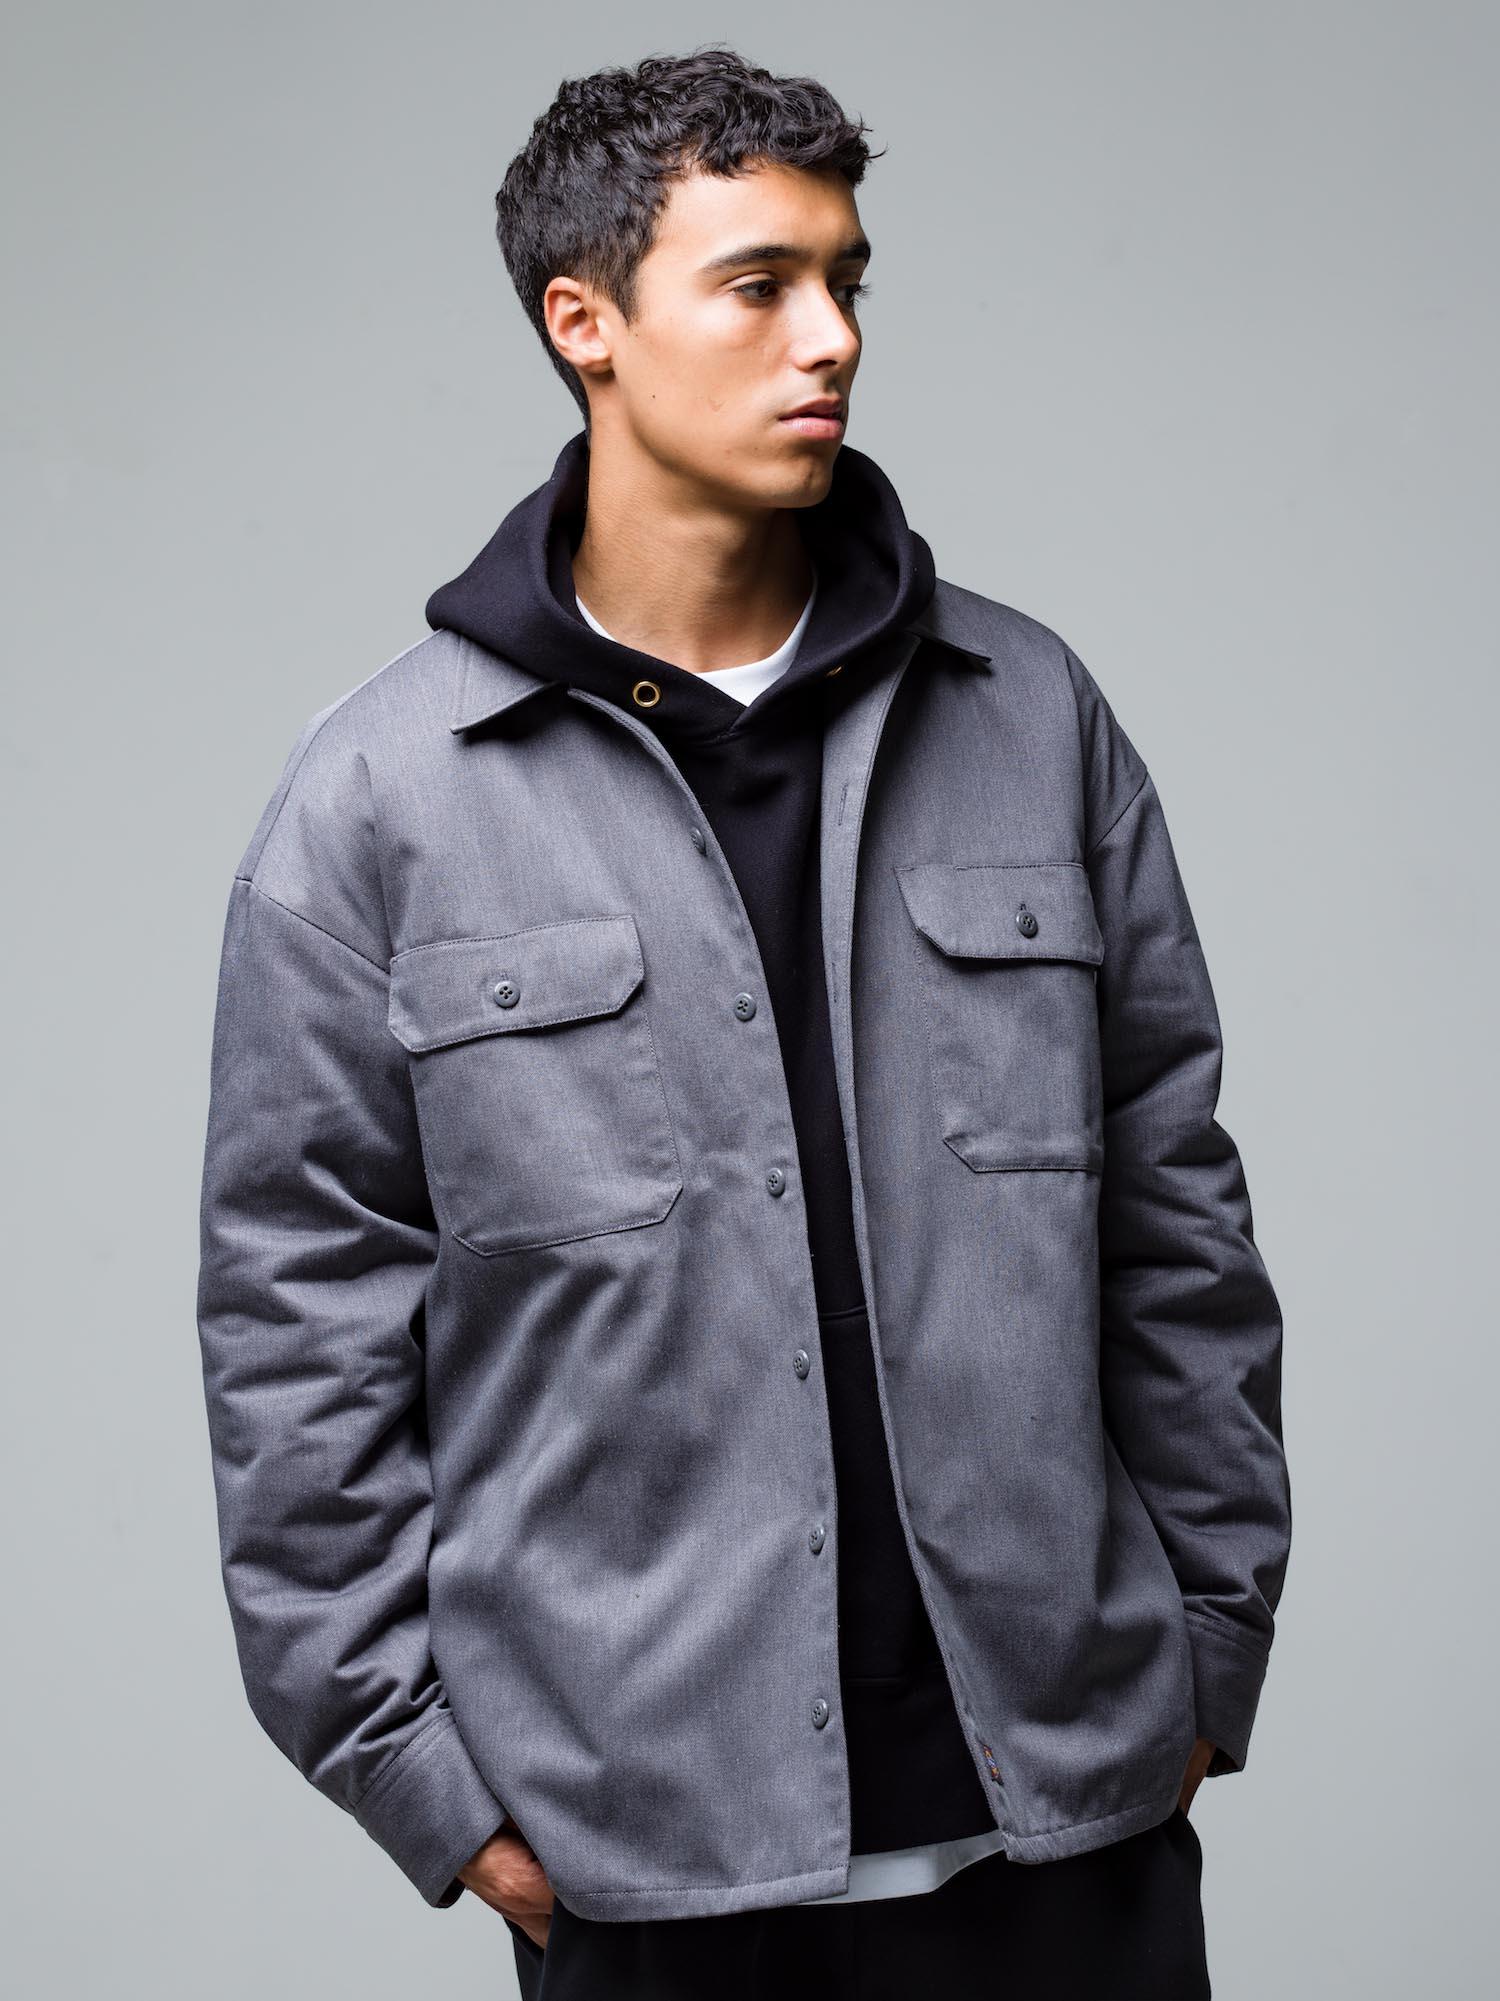 19) Jacket ¥23,100  Hoodie ¥29,700  Inner ¥8,800  Pants ¥22,000